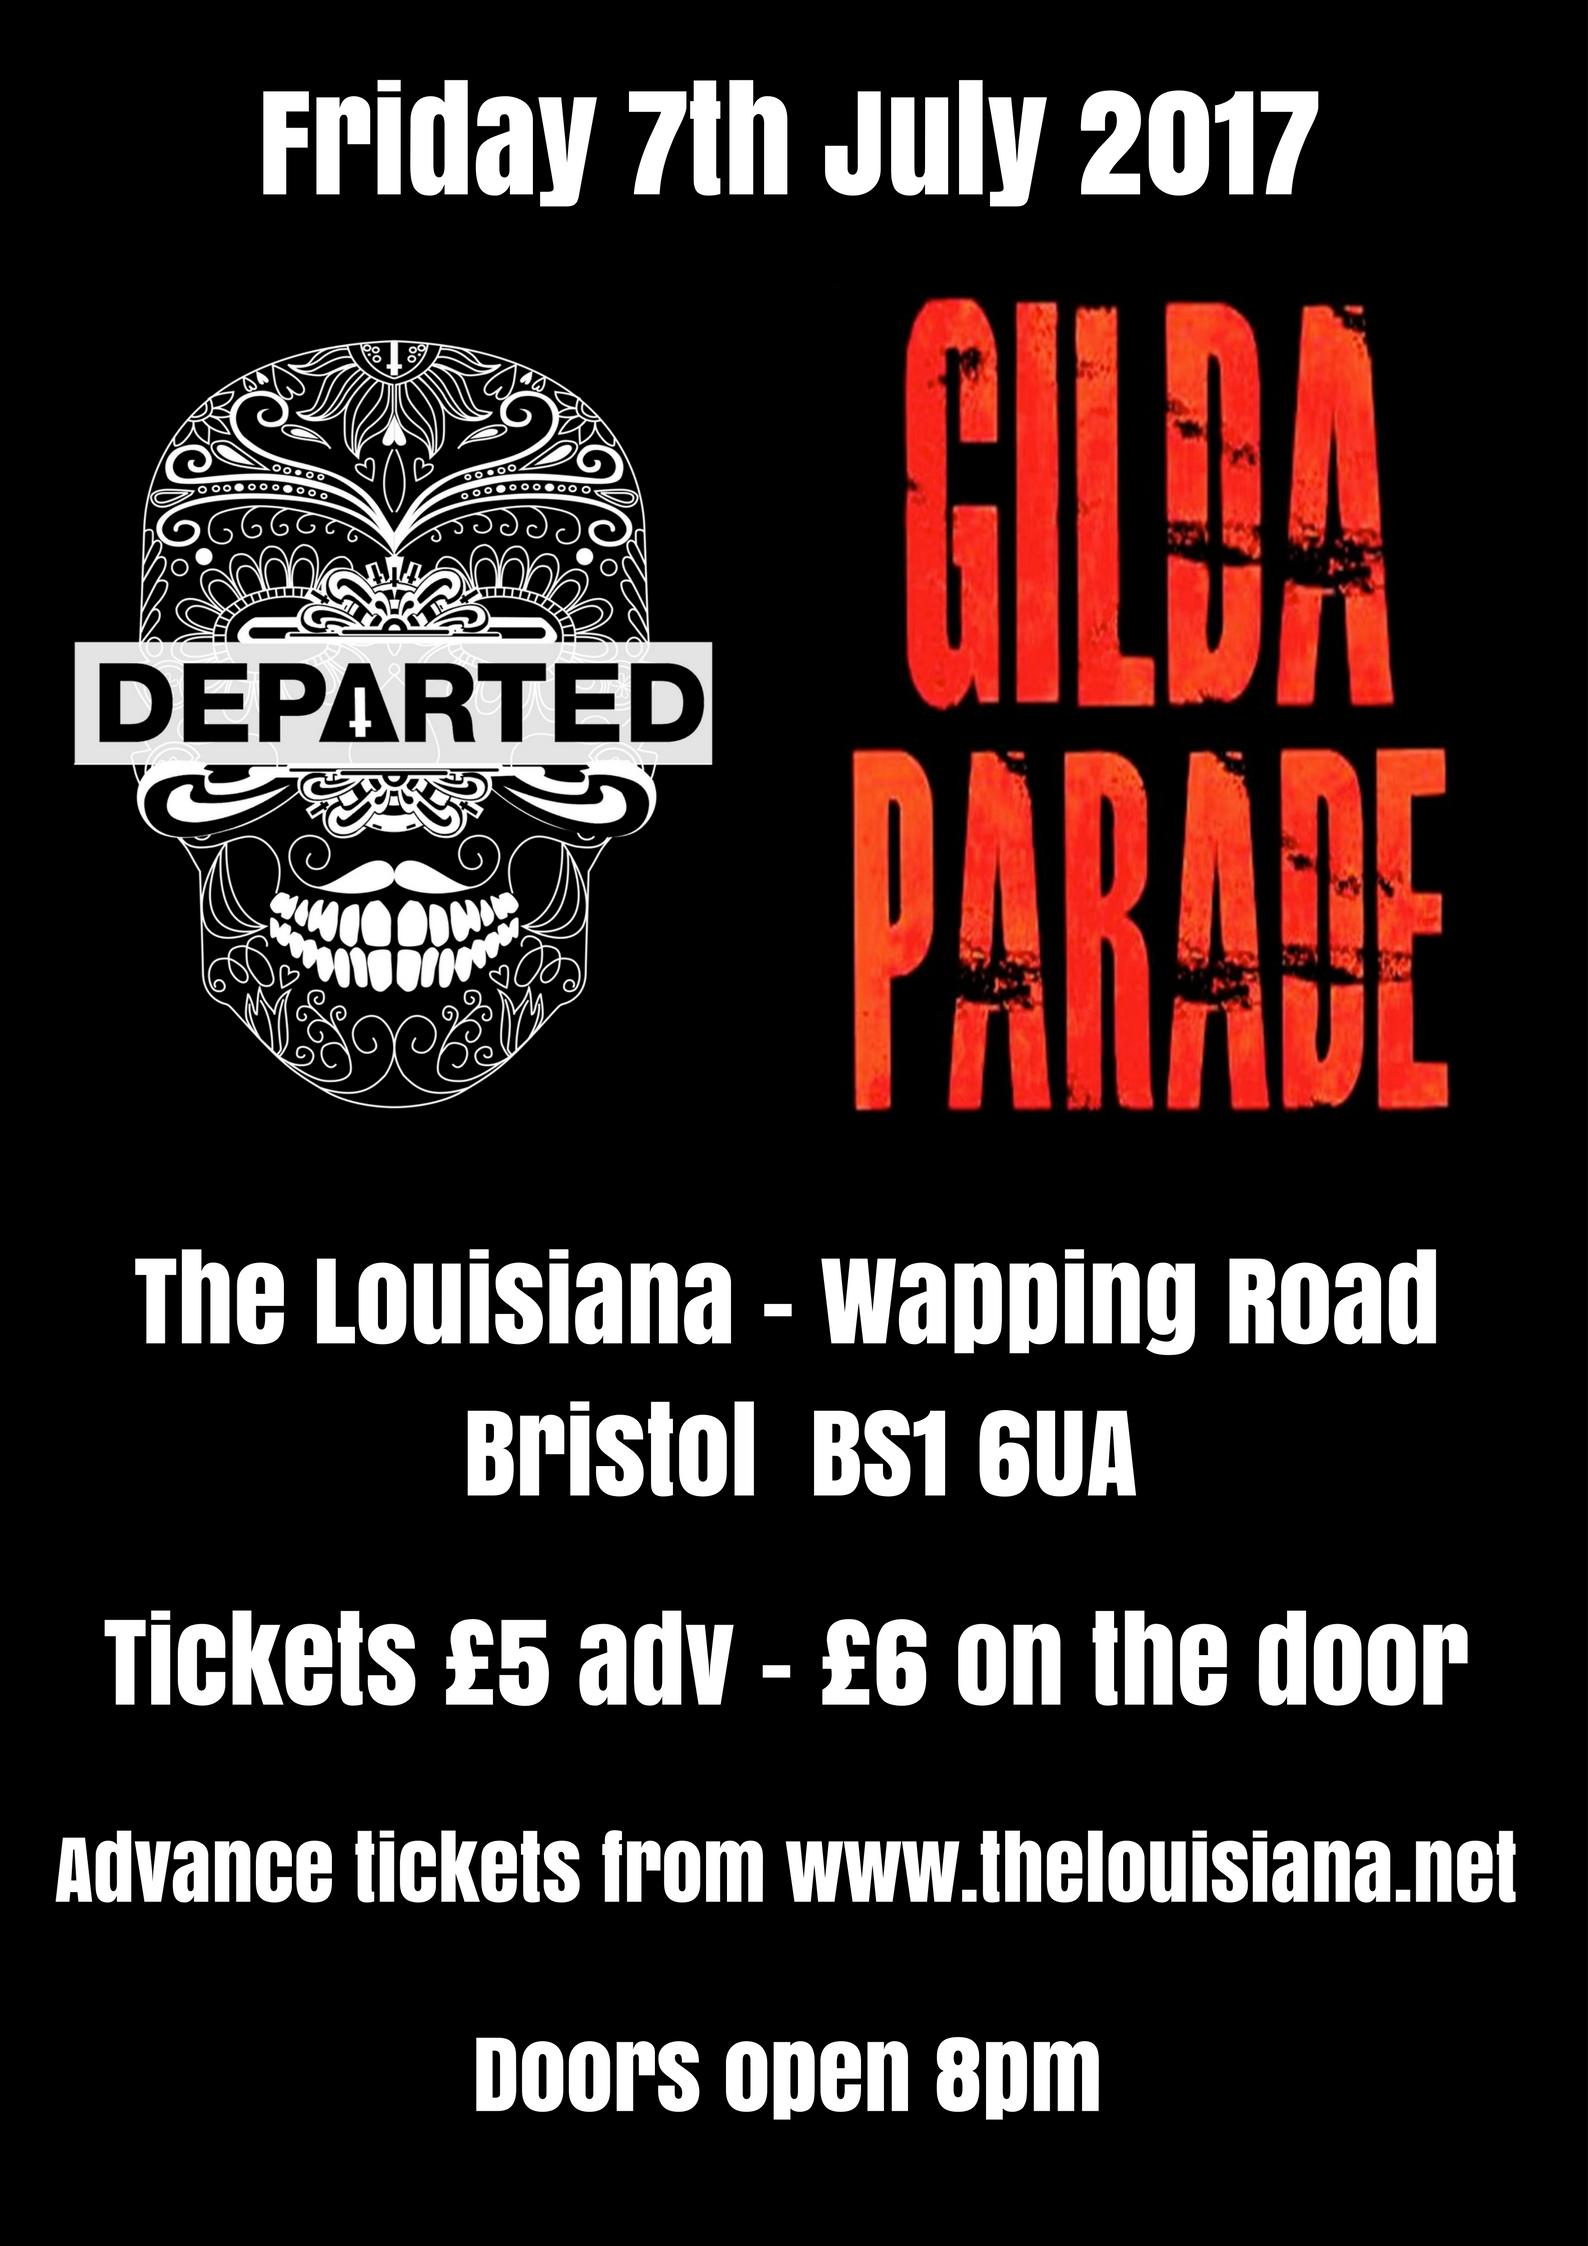 Gilda Parade